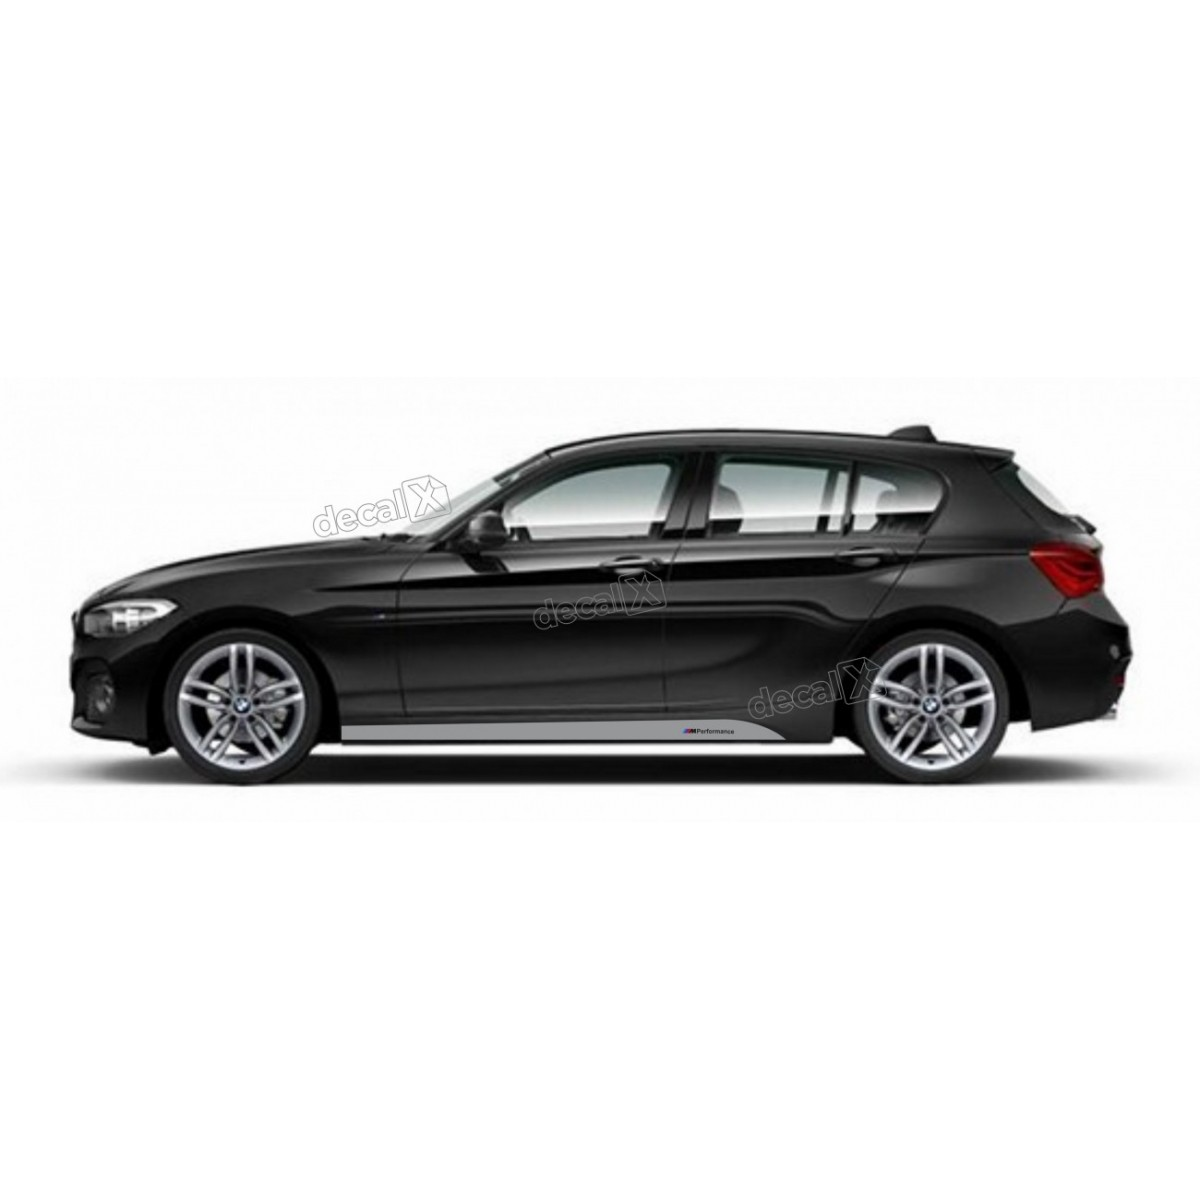 ADESIVO FAIXA CAIXA DE AR BMW X1